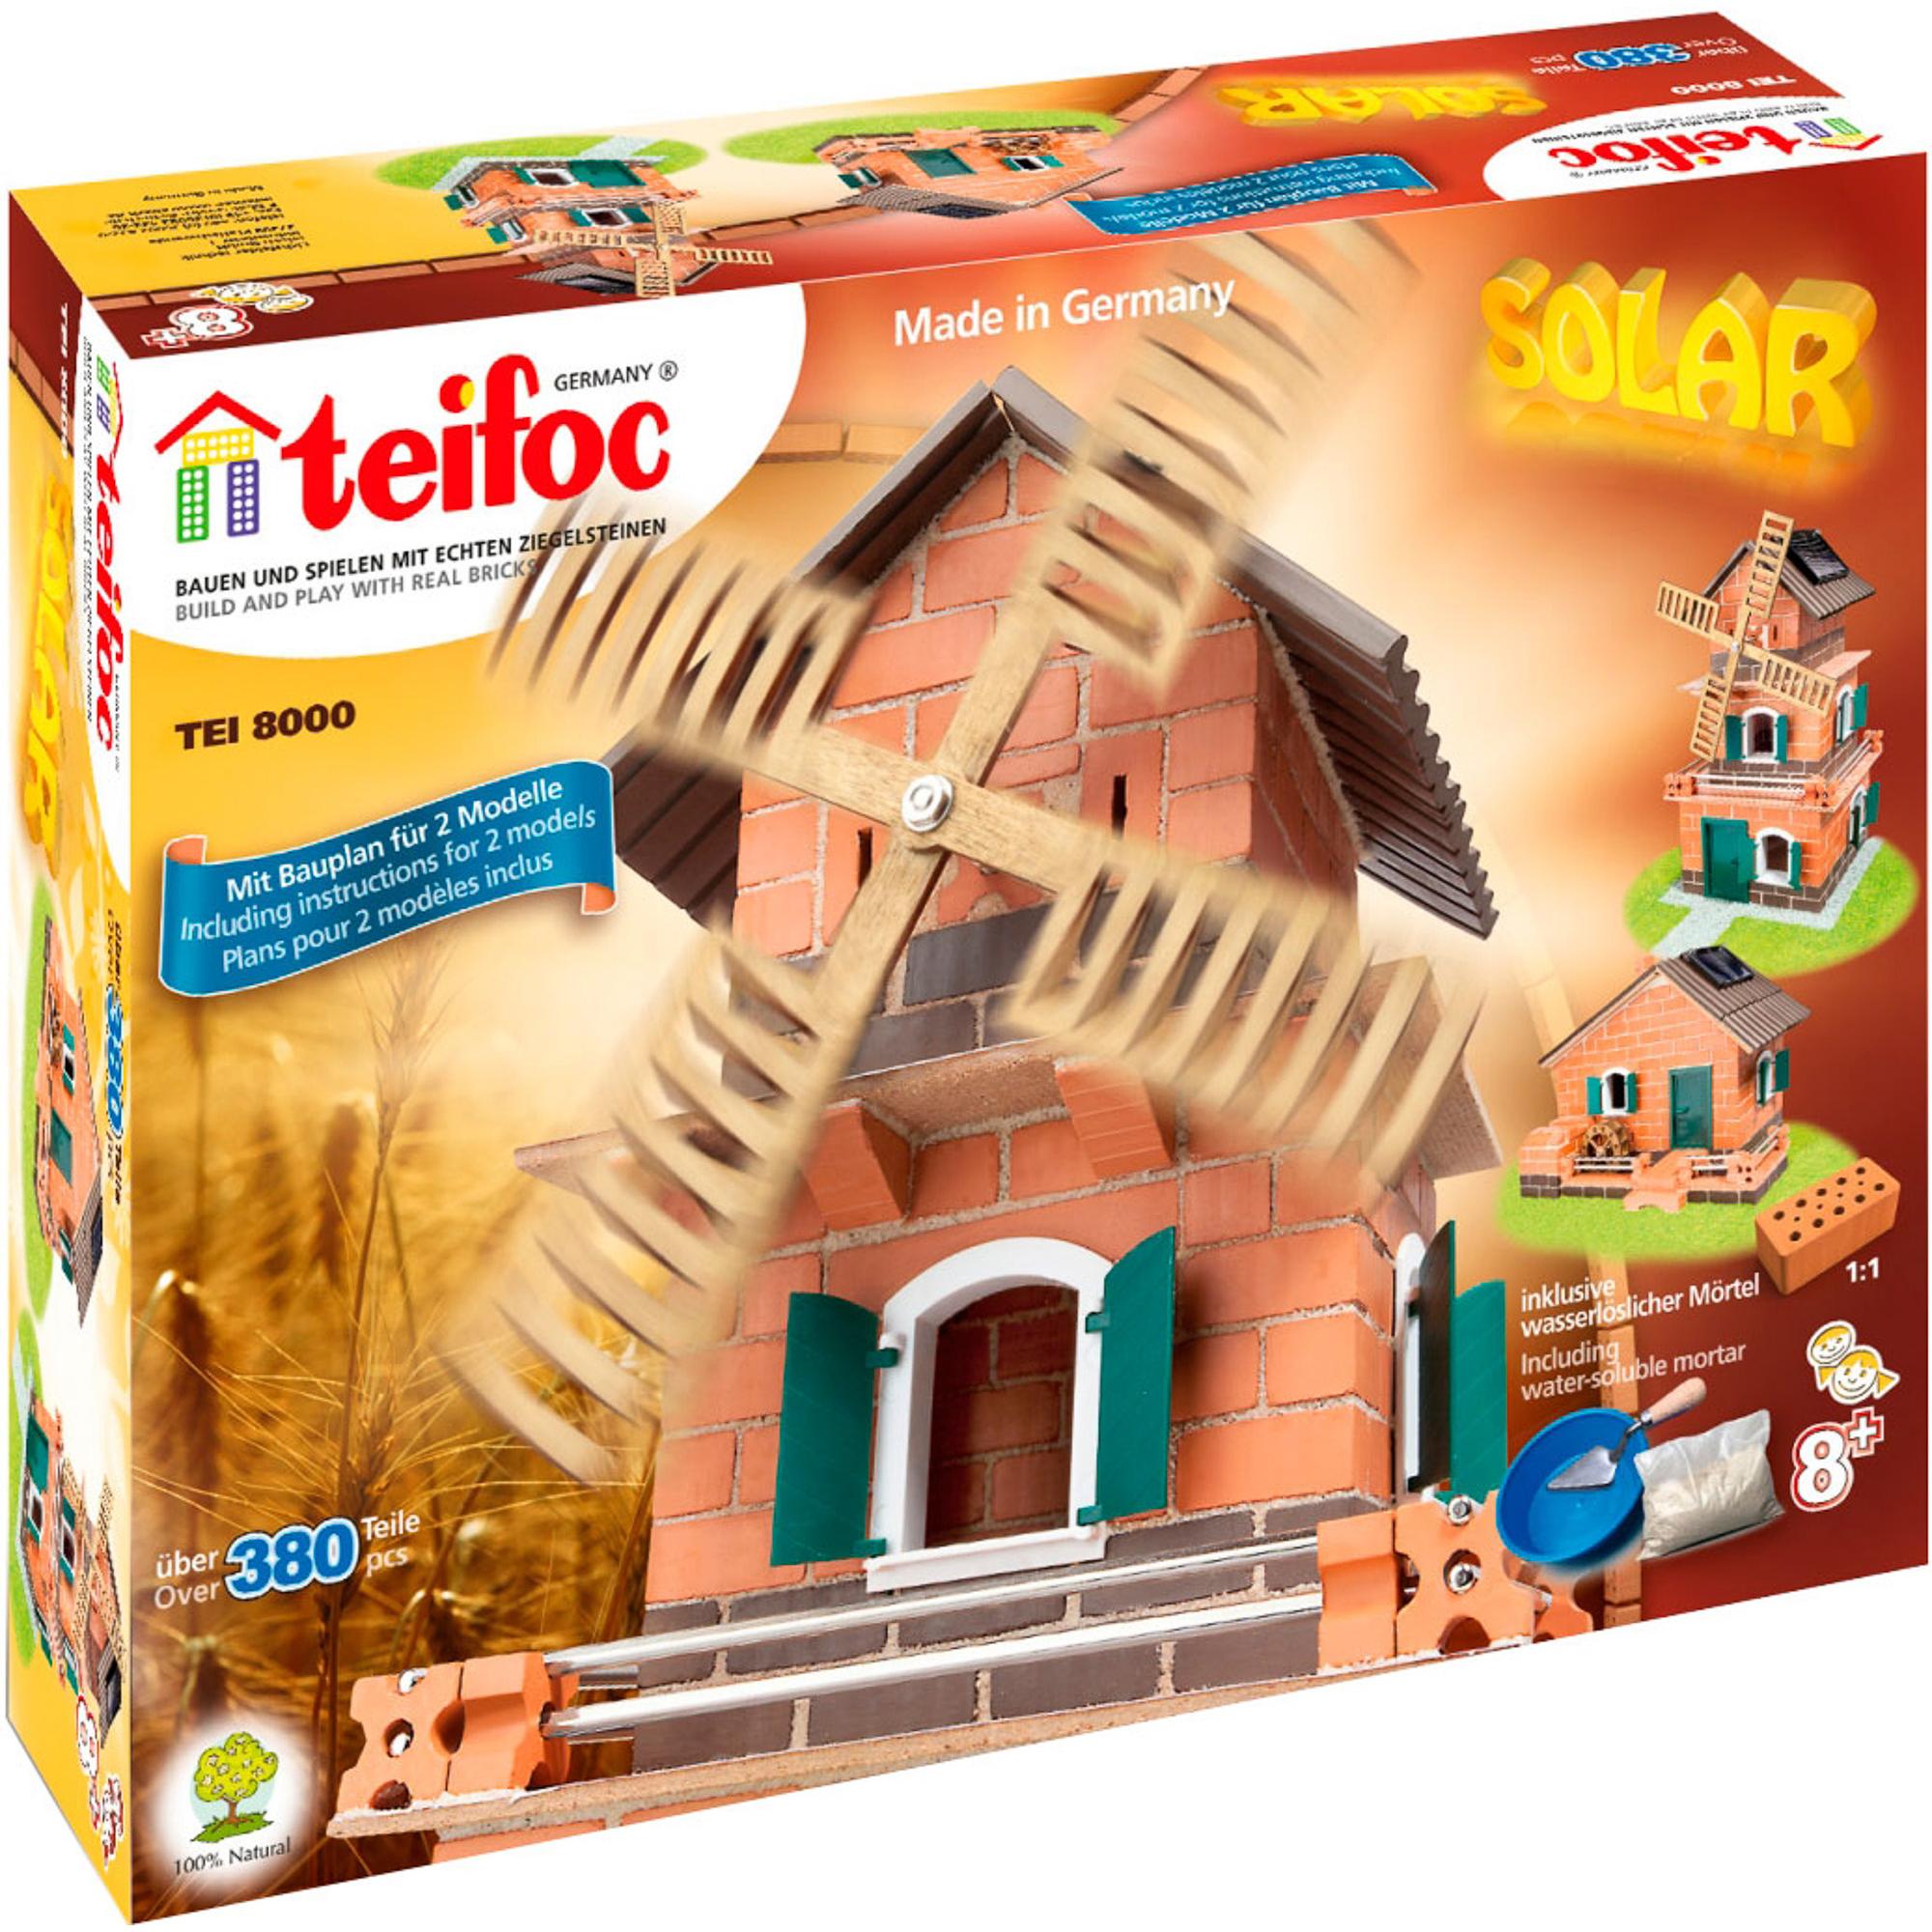 Фото - Игровой набор TEIFOC Серпантин TEI 8000 сборные модели teifoc дополнительный набор кирпичи смесь мастерок 280 деталей